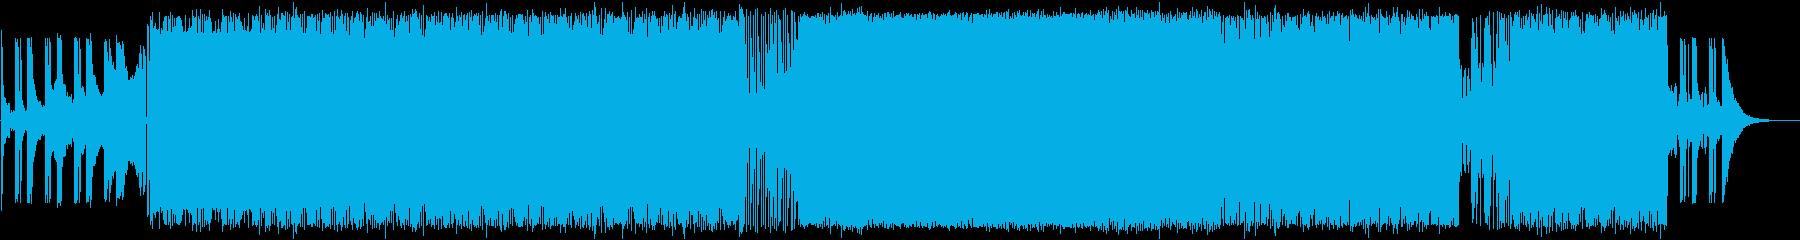 爽やかで明るいエレクトロハウスの再生済みの波形